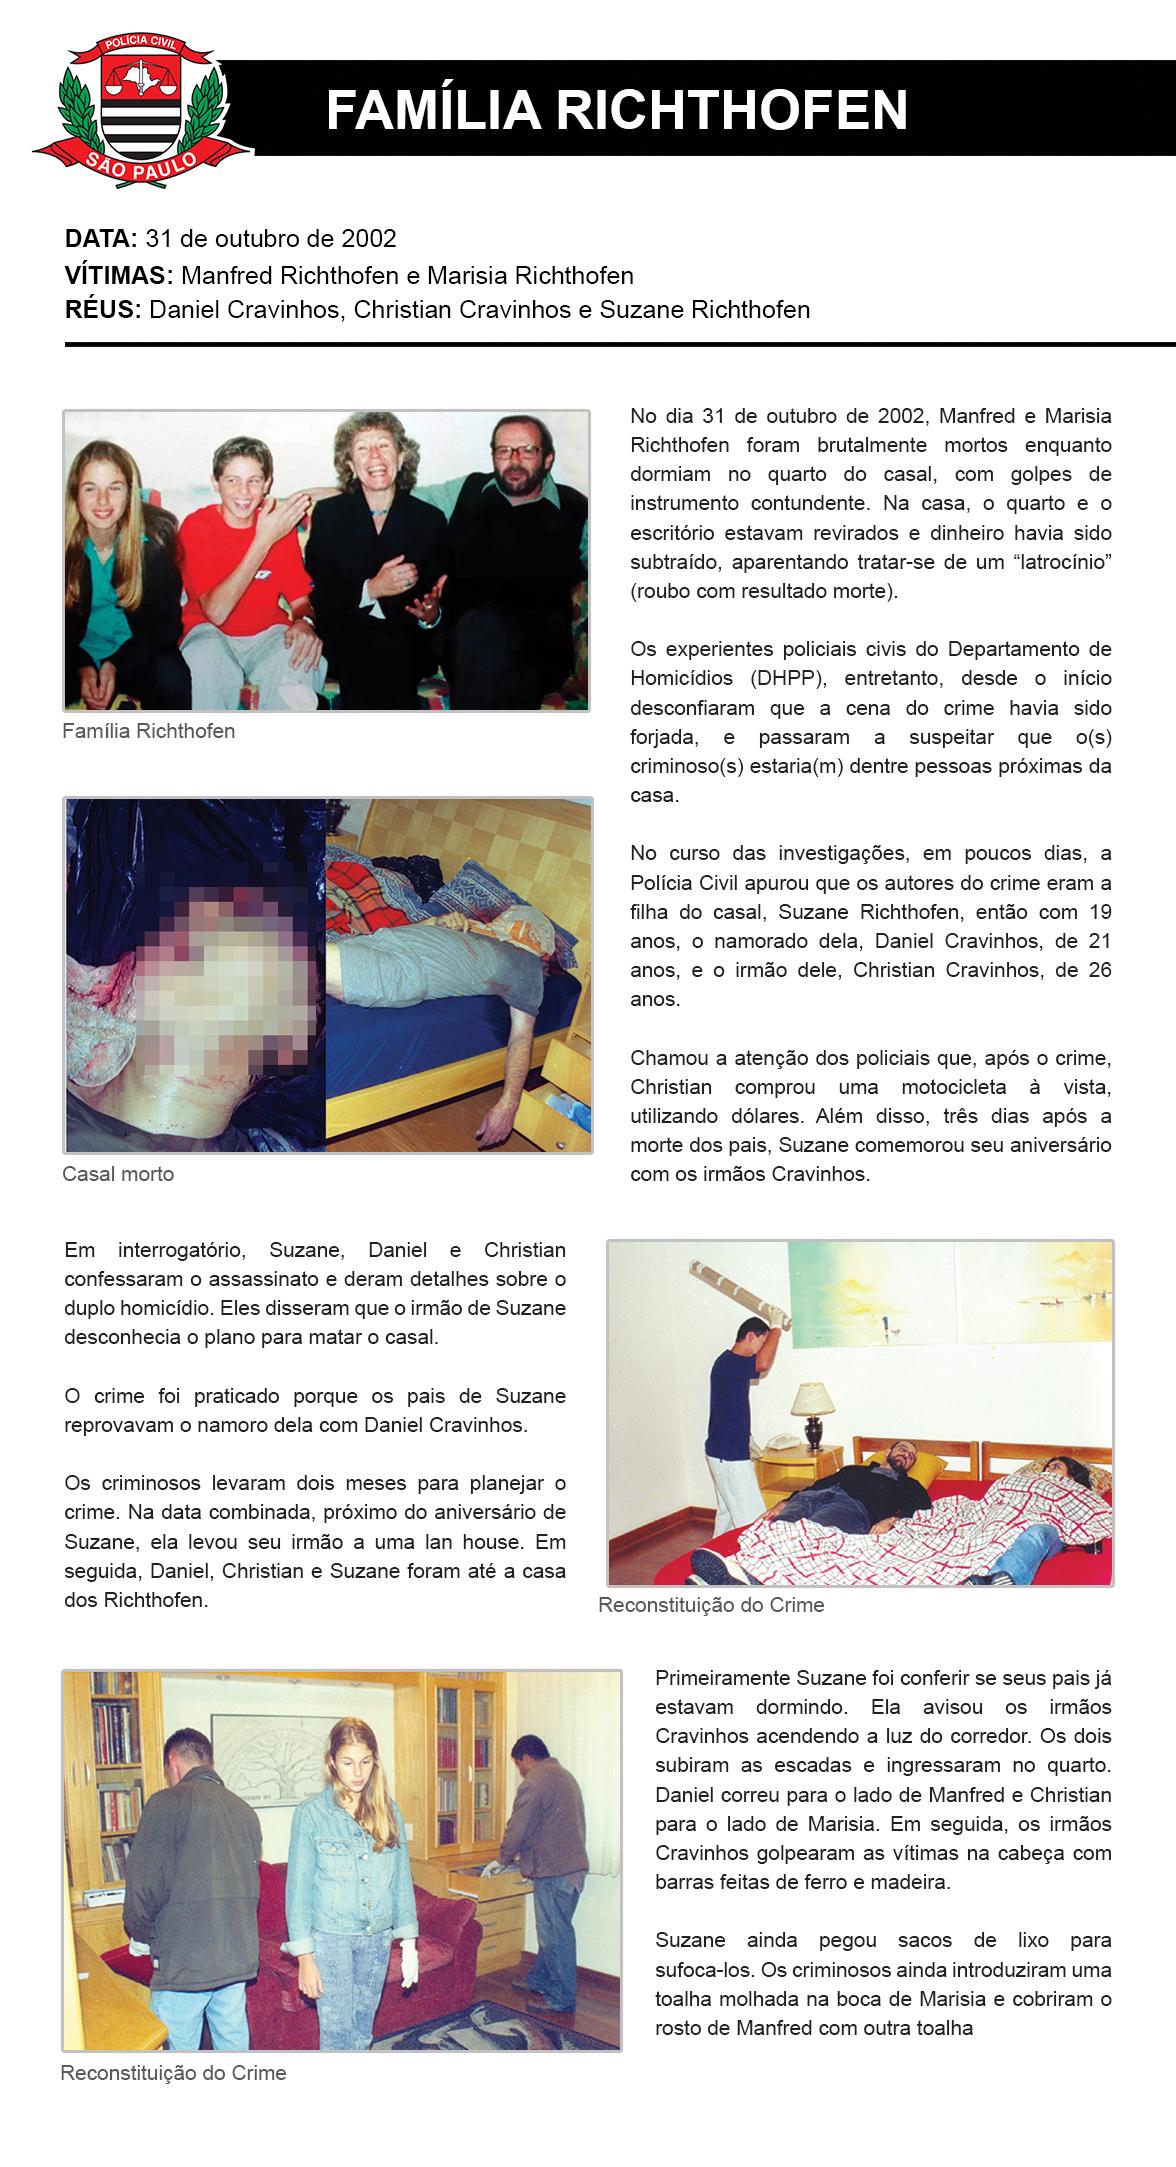 CASO DE DESTAQUE 1 - SUZANE.jpg